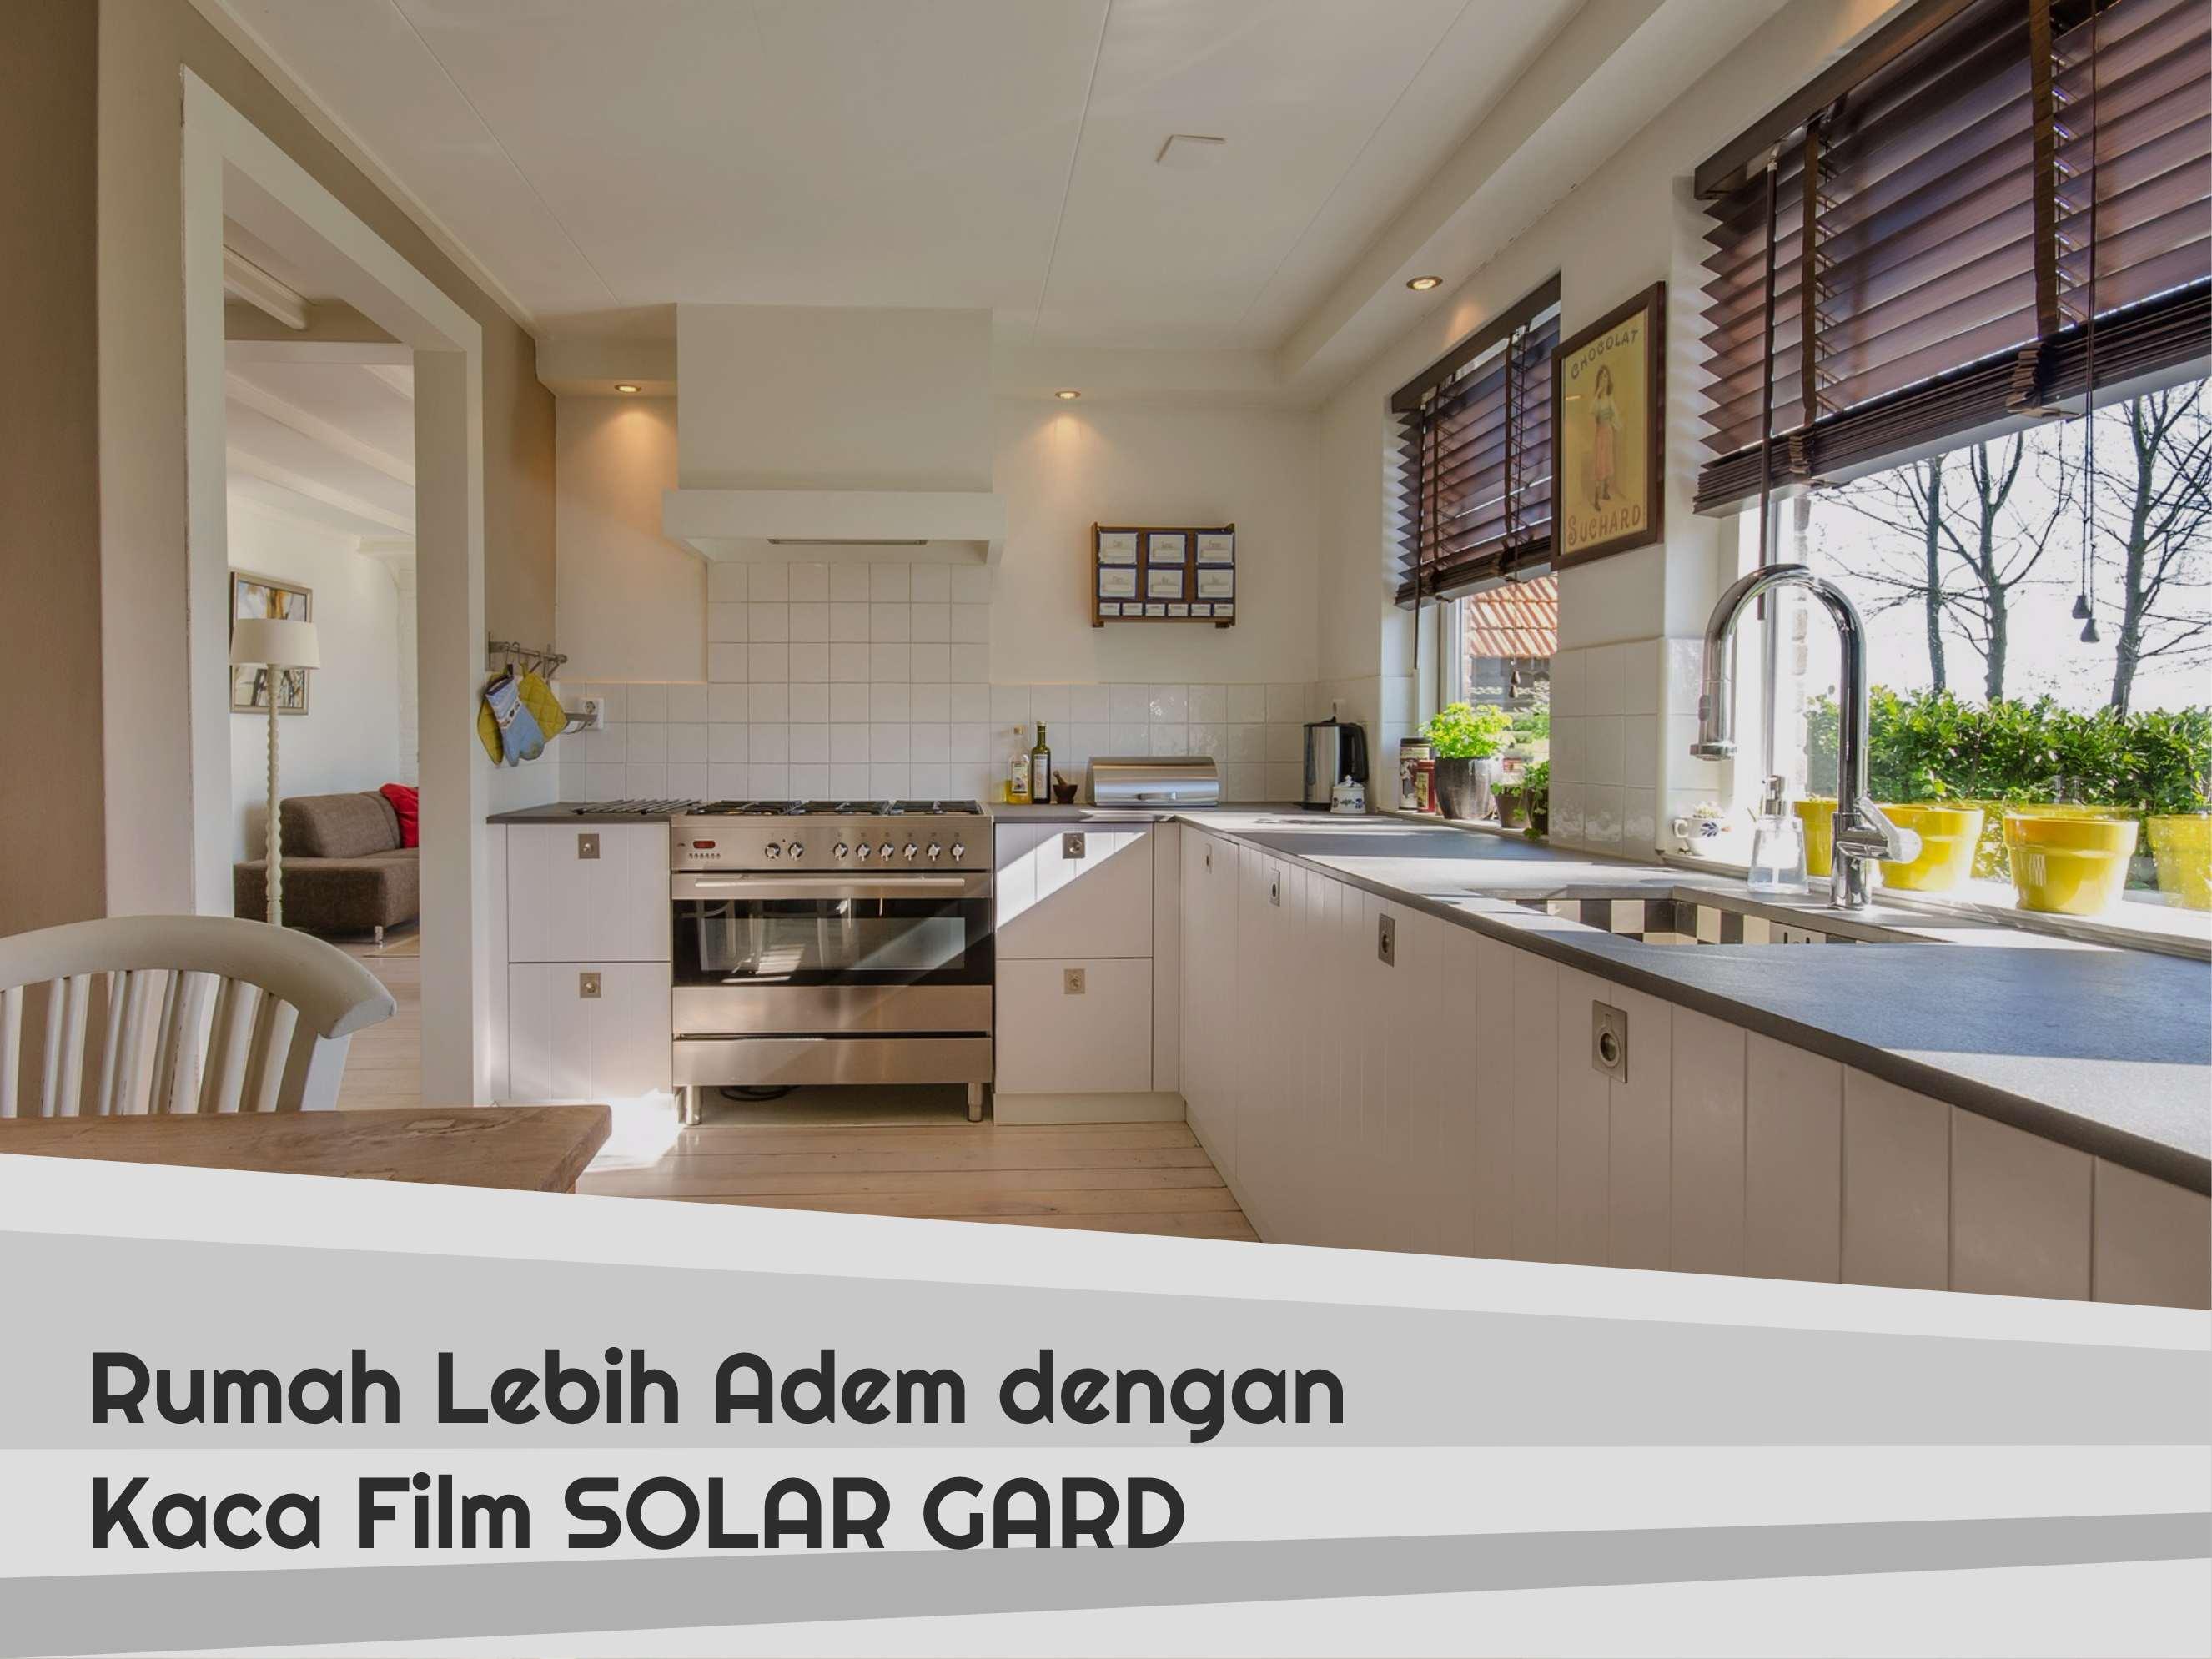 Rumah Lebih Adem Dengan Kaca Film Solar Gard